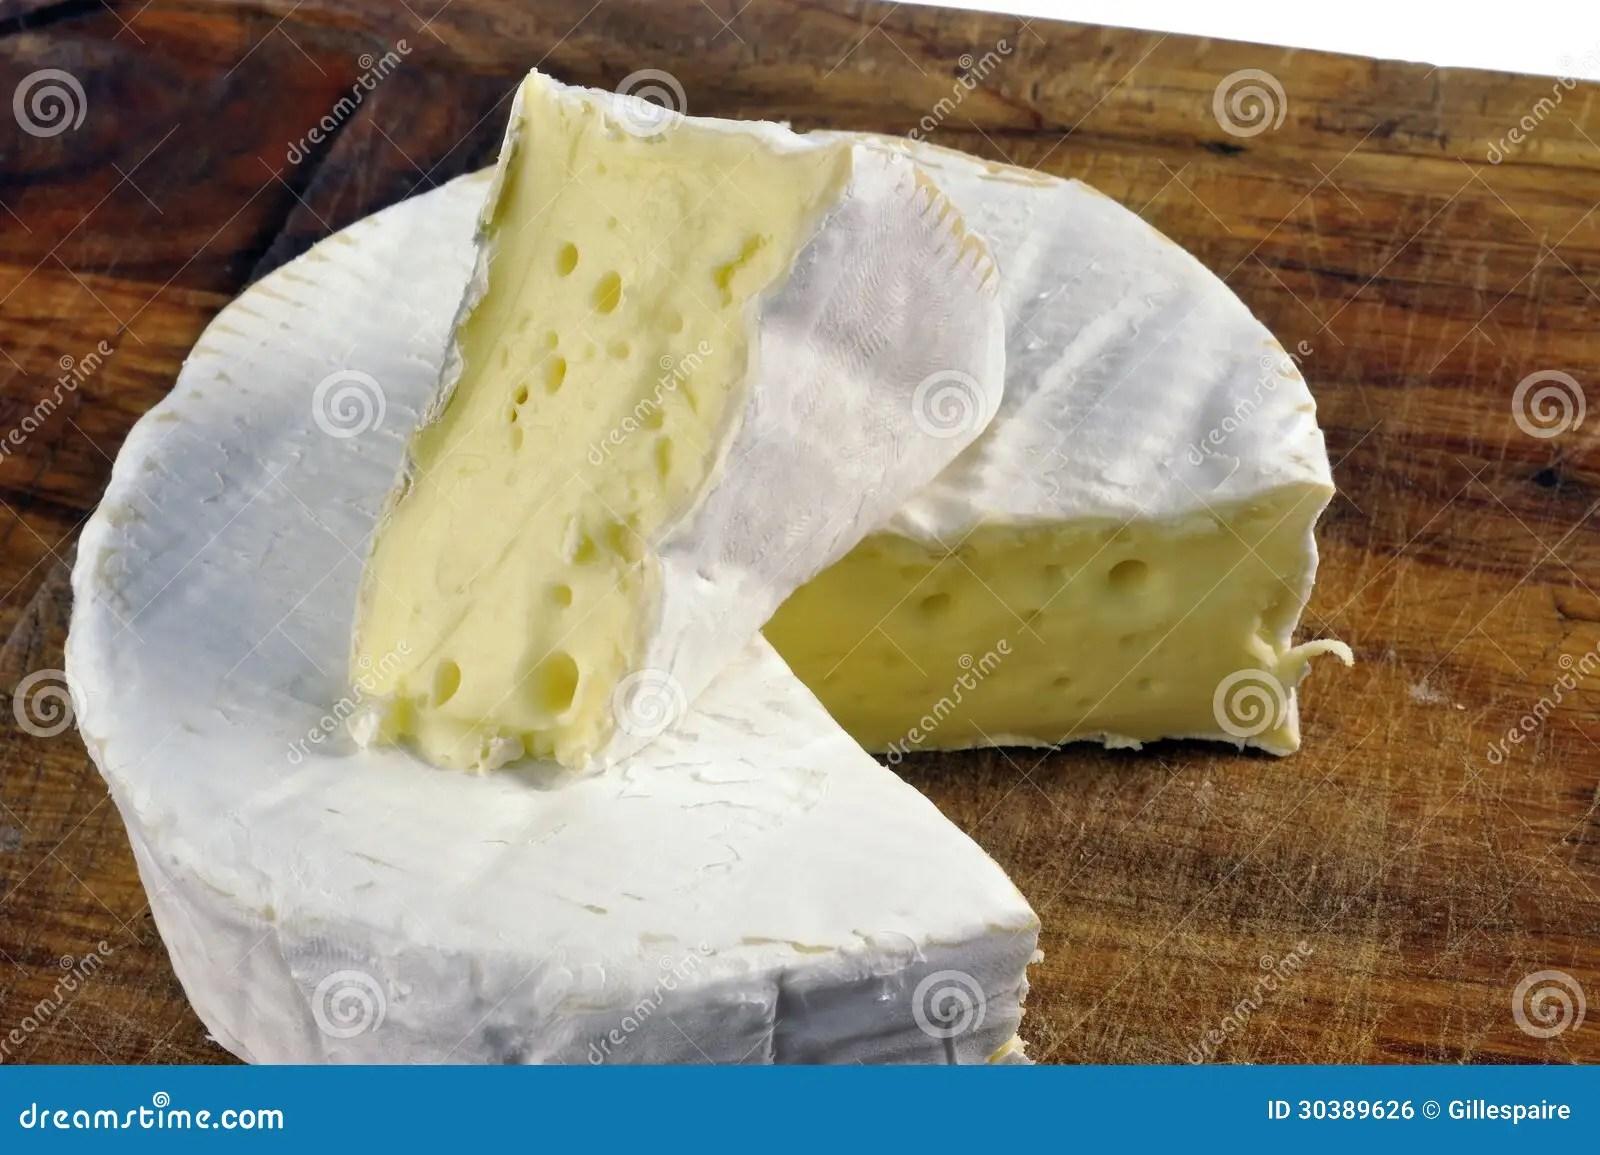 法國軟制乳酪 免版稅庫存圖片 - 圖片: 30389626